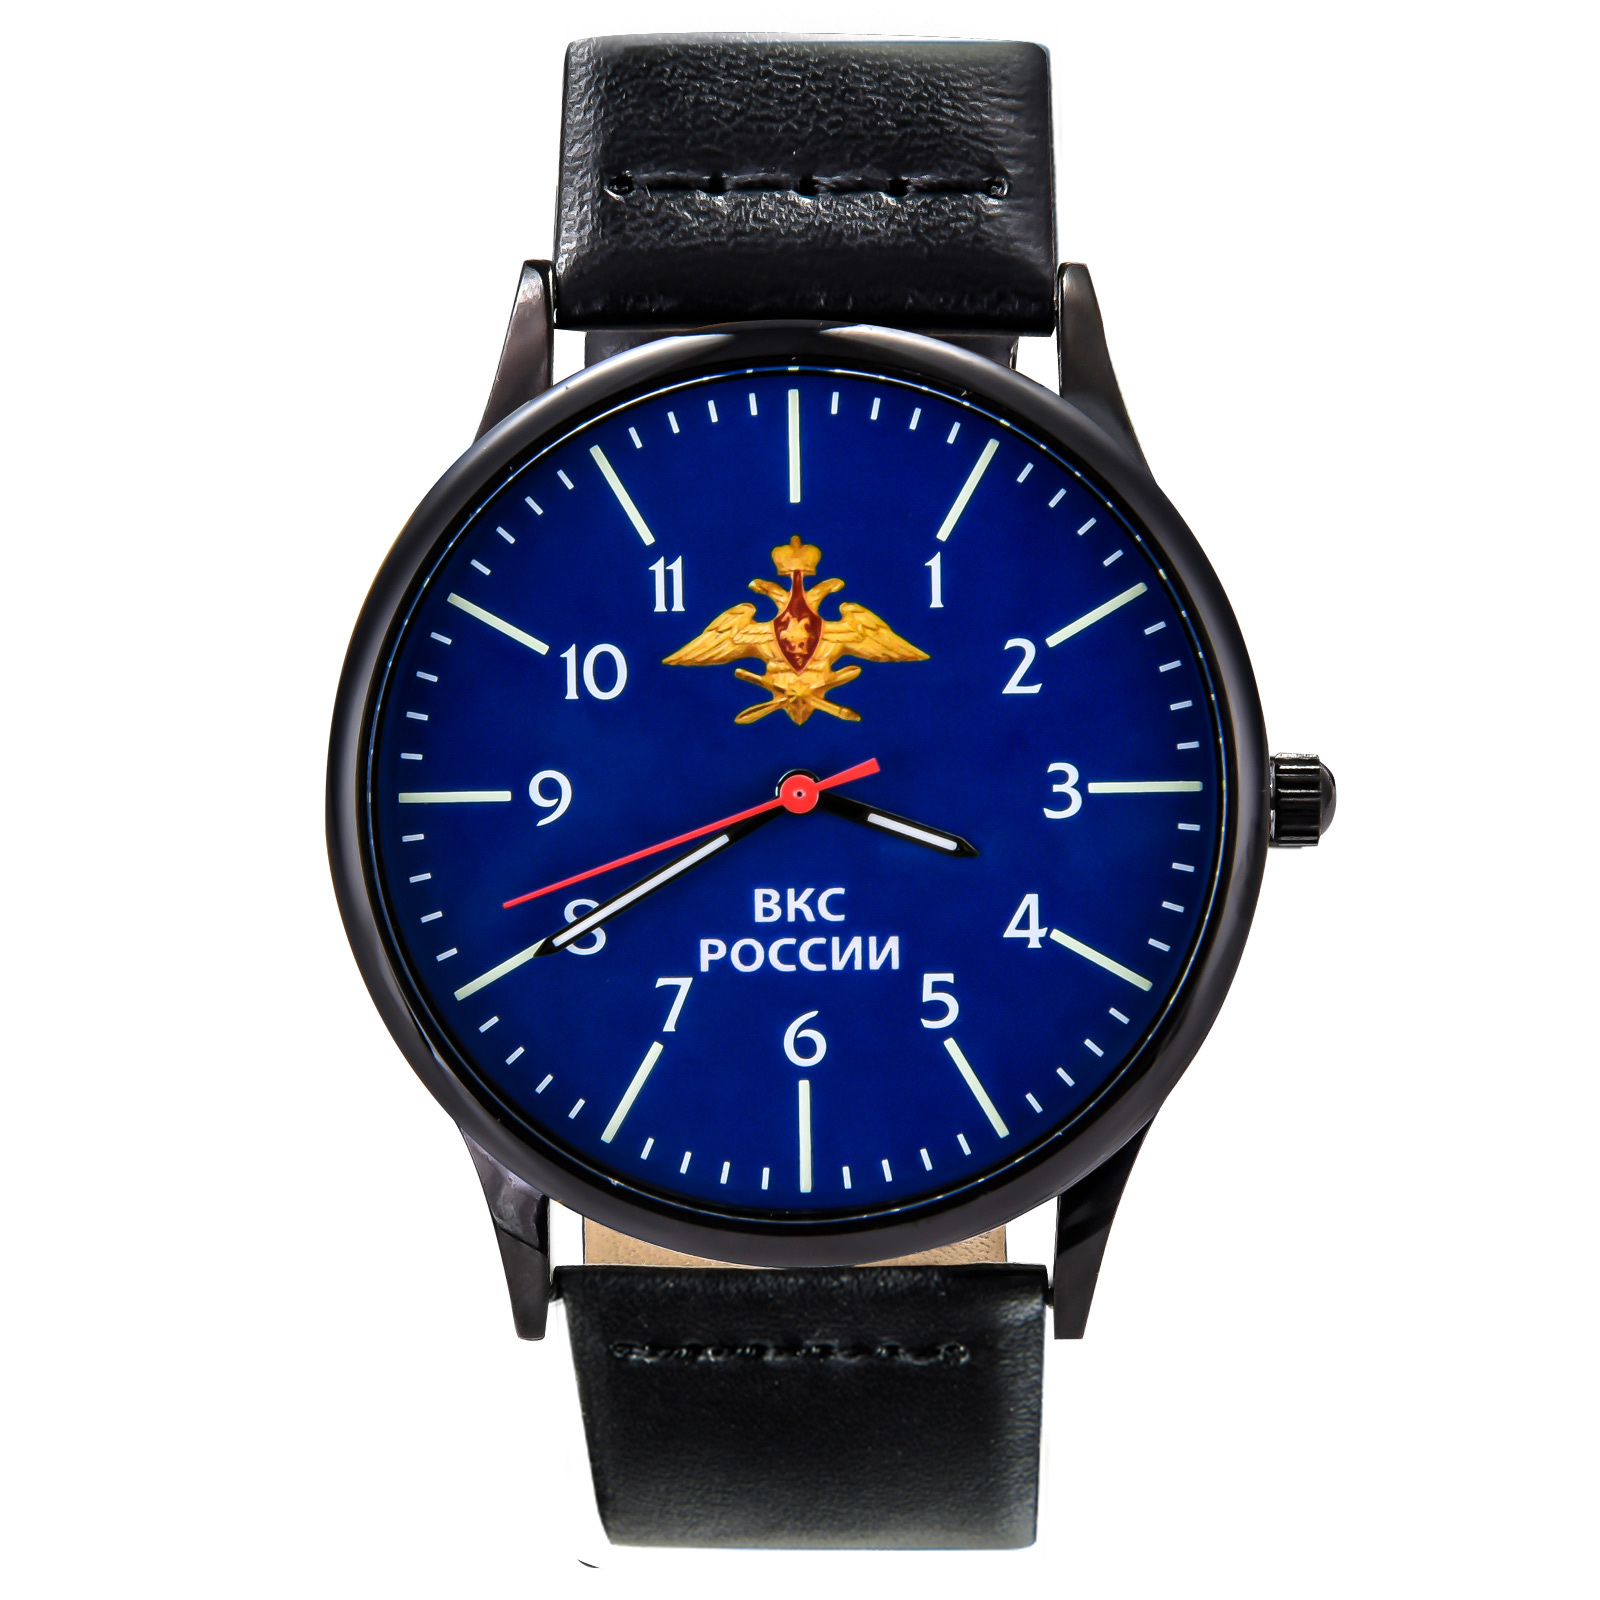 Командирские часы ВКС России купить в Военпро